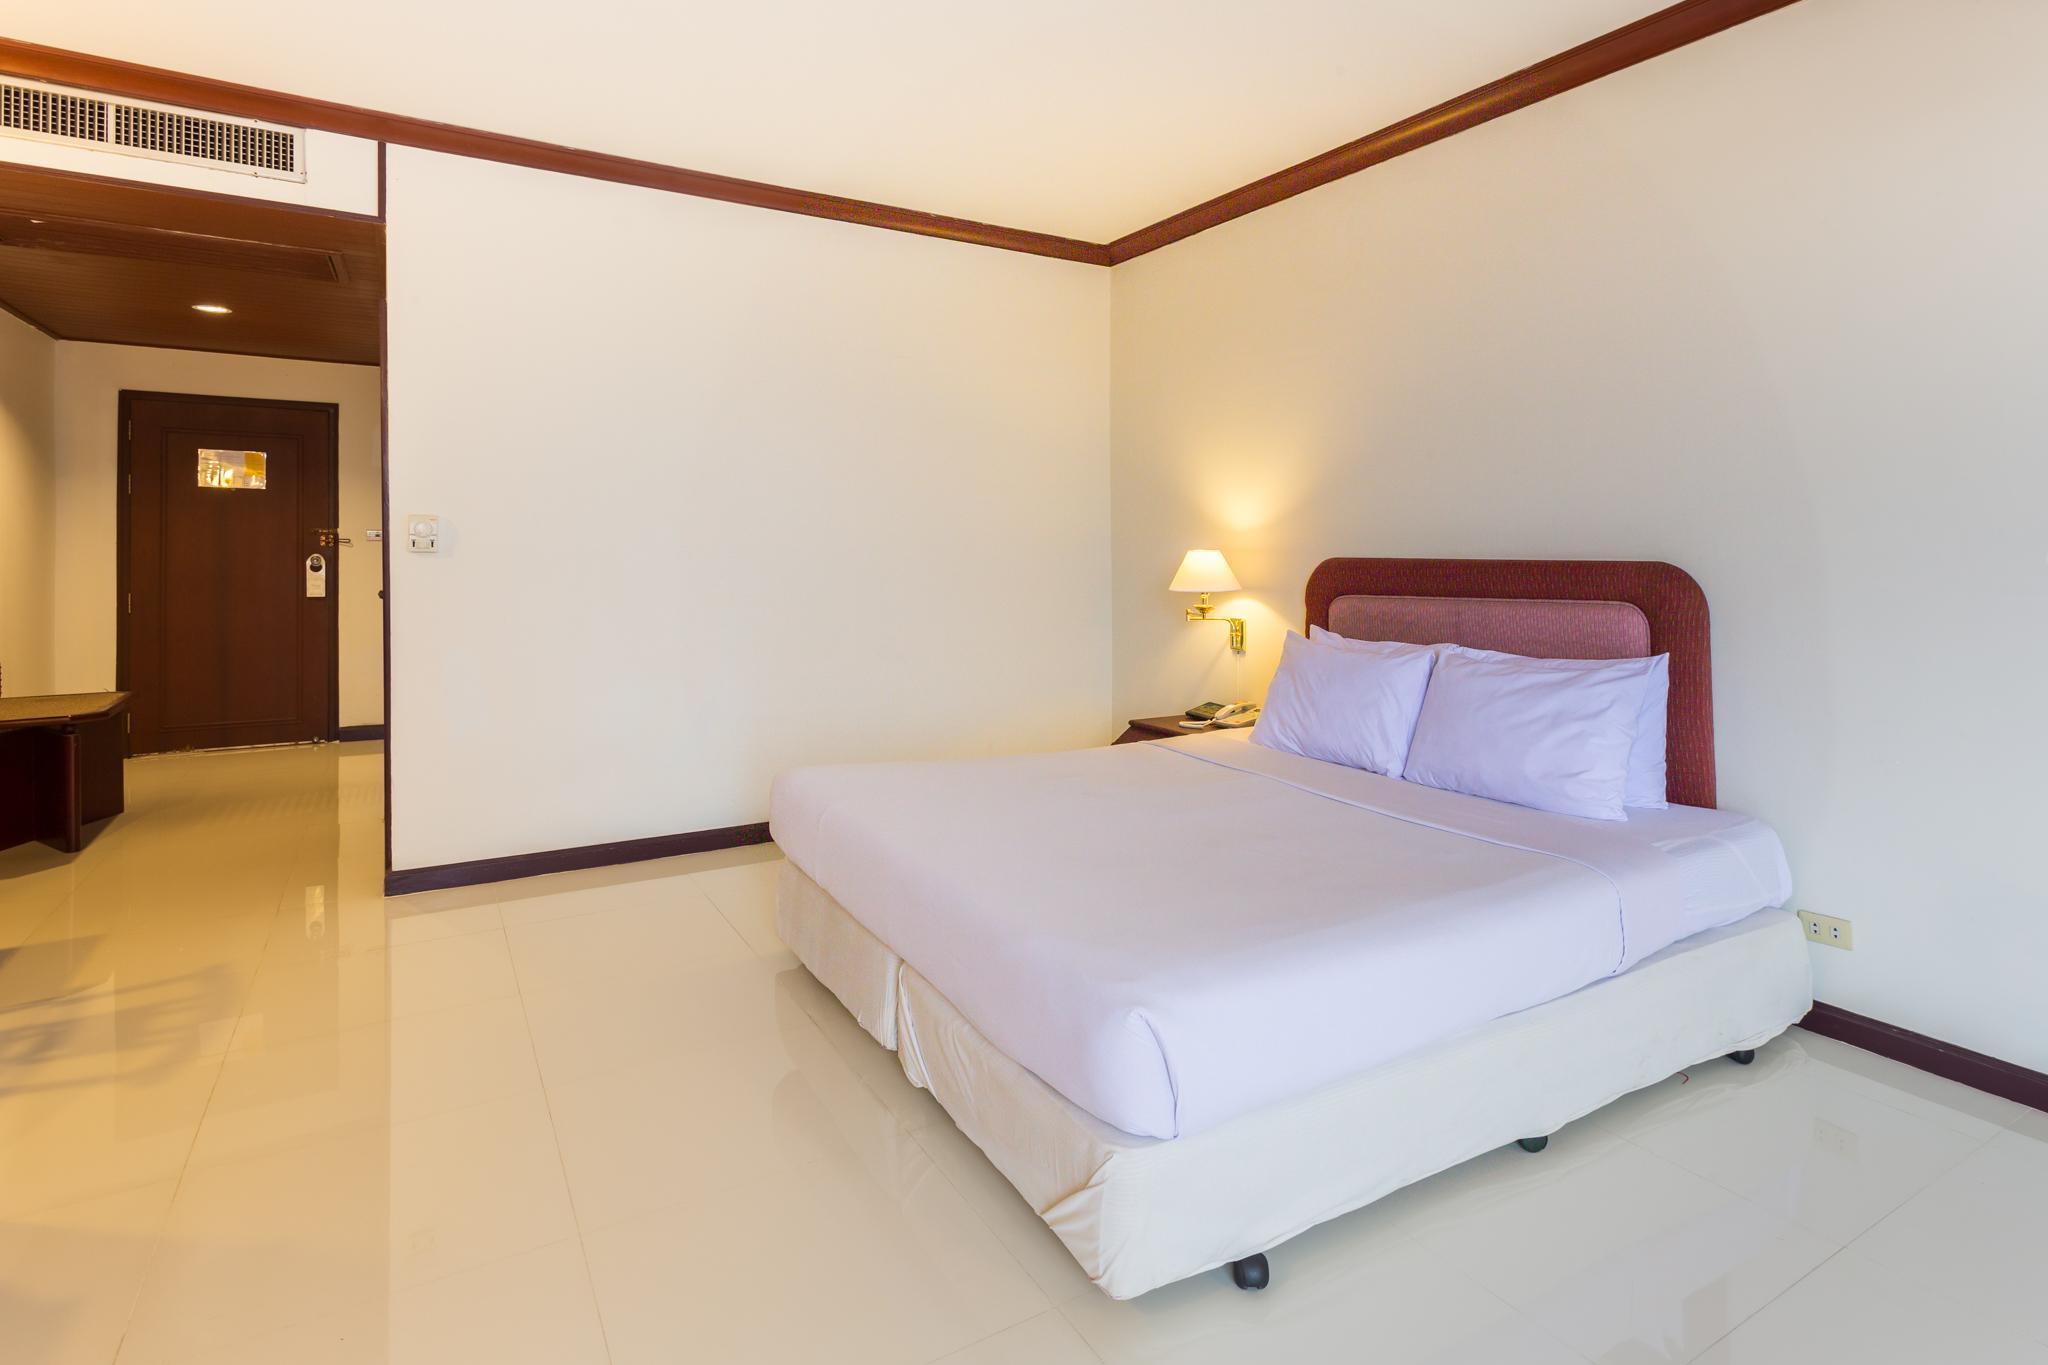 内华达会议酒店,โรงแรมเนวาด้า คอนเวนชั่น โฮเทล